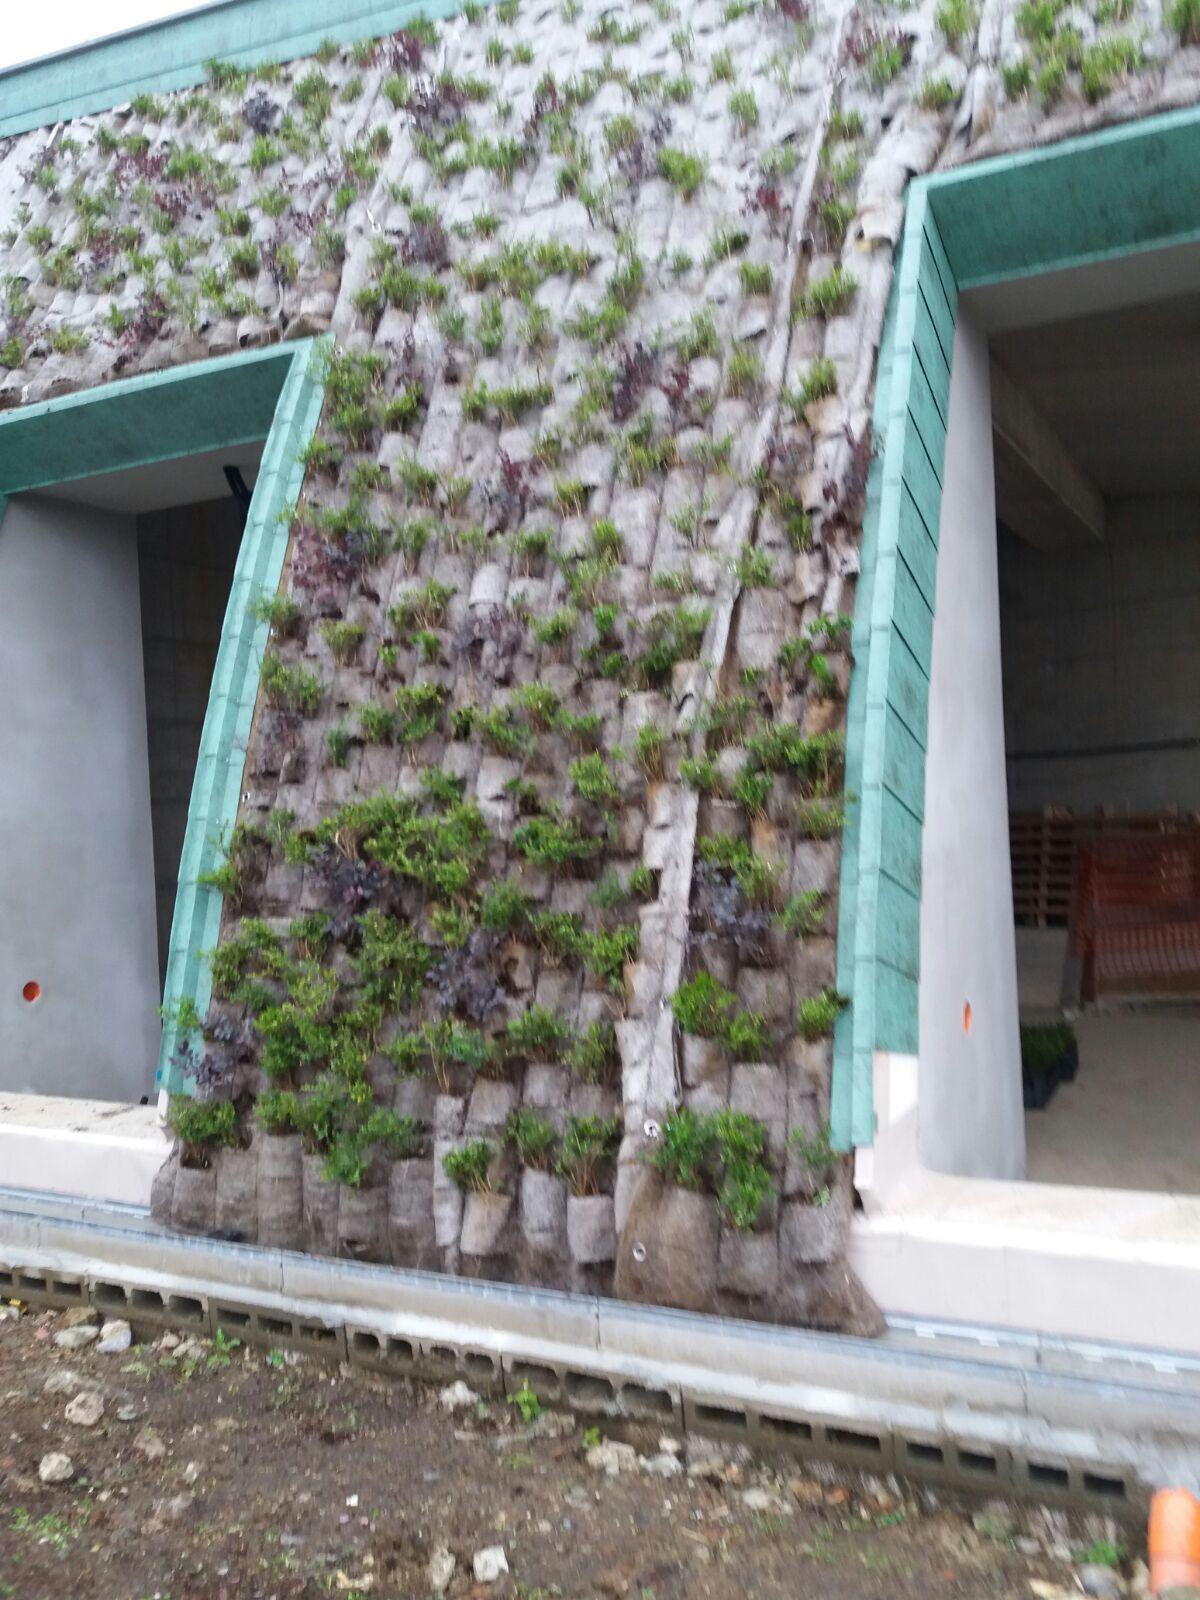 Progettazione e realizzazione giardini verticali 03